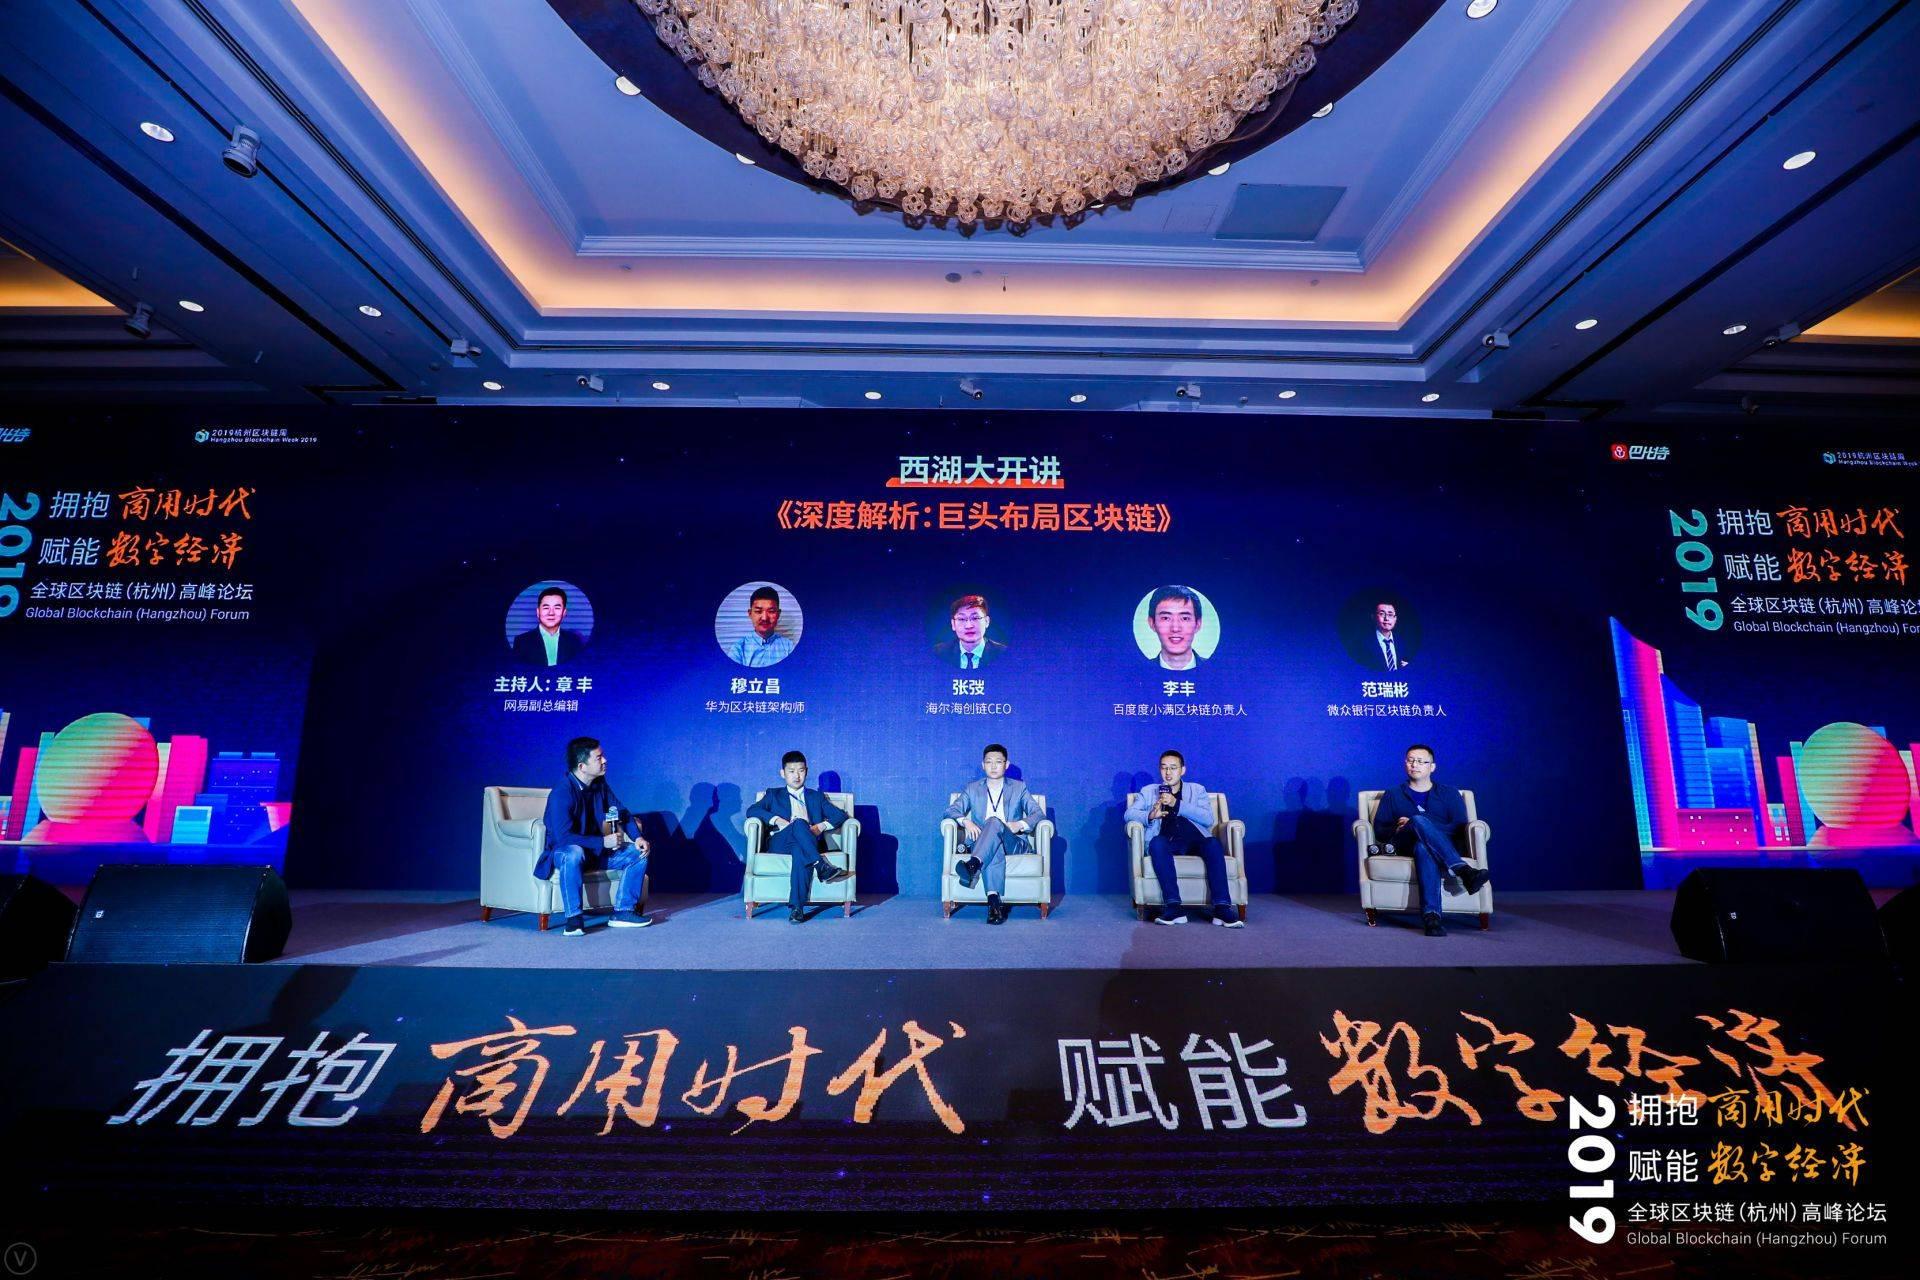 拥抱产业新浪潮——2020杭州区块链产业国际周